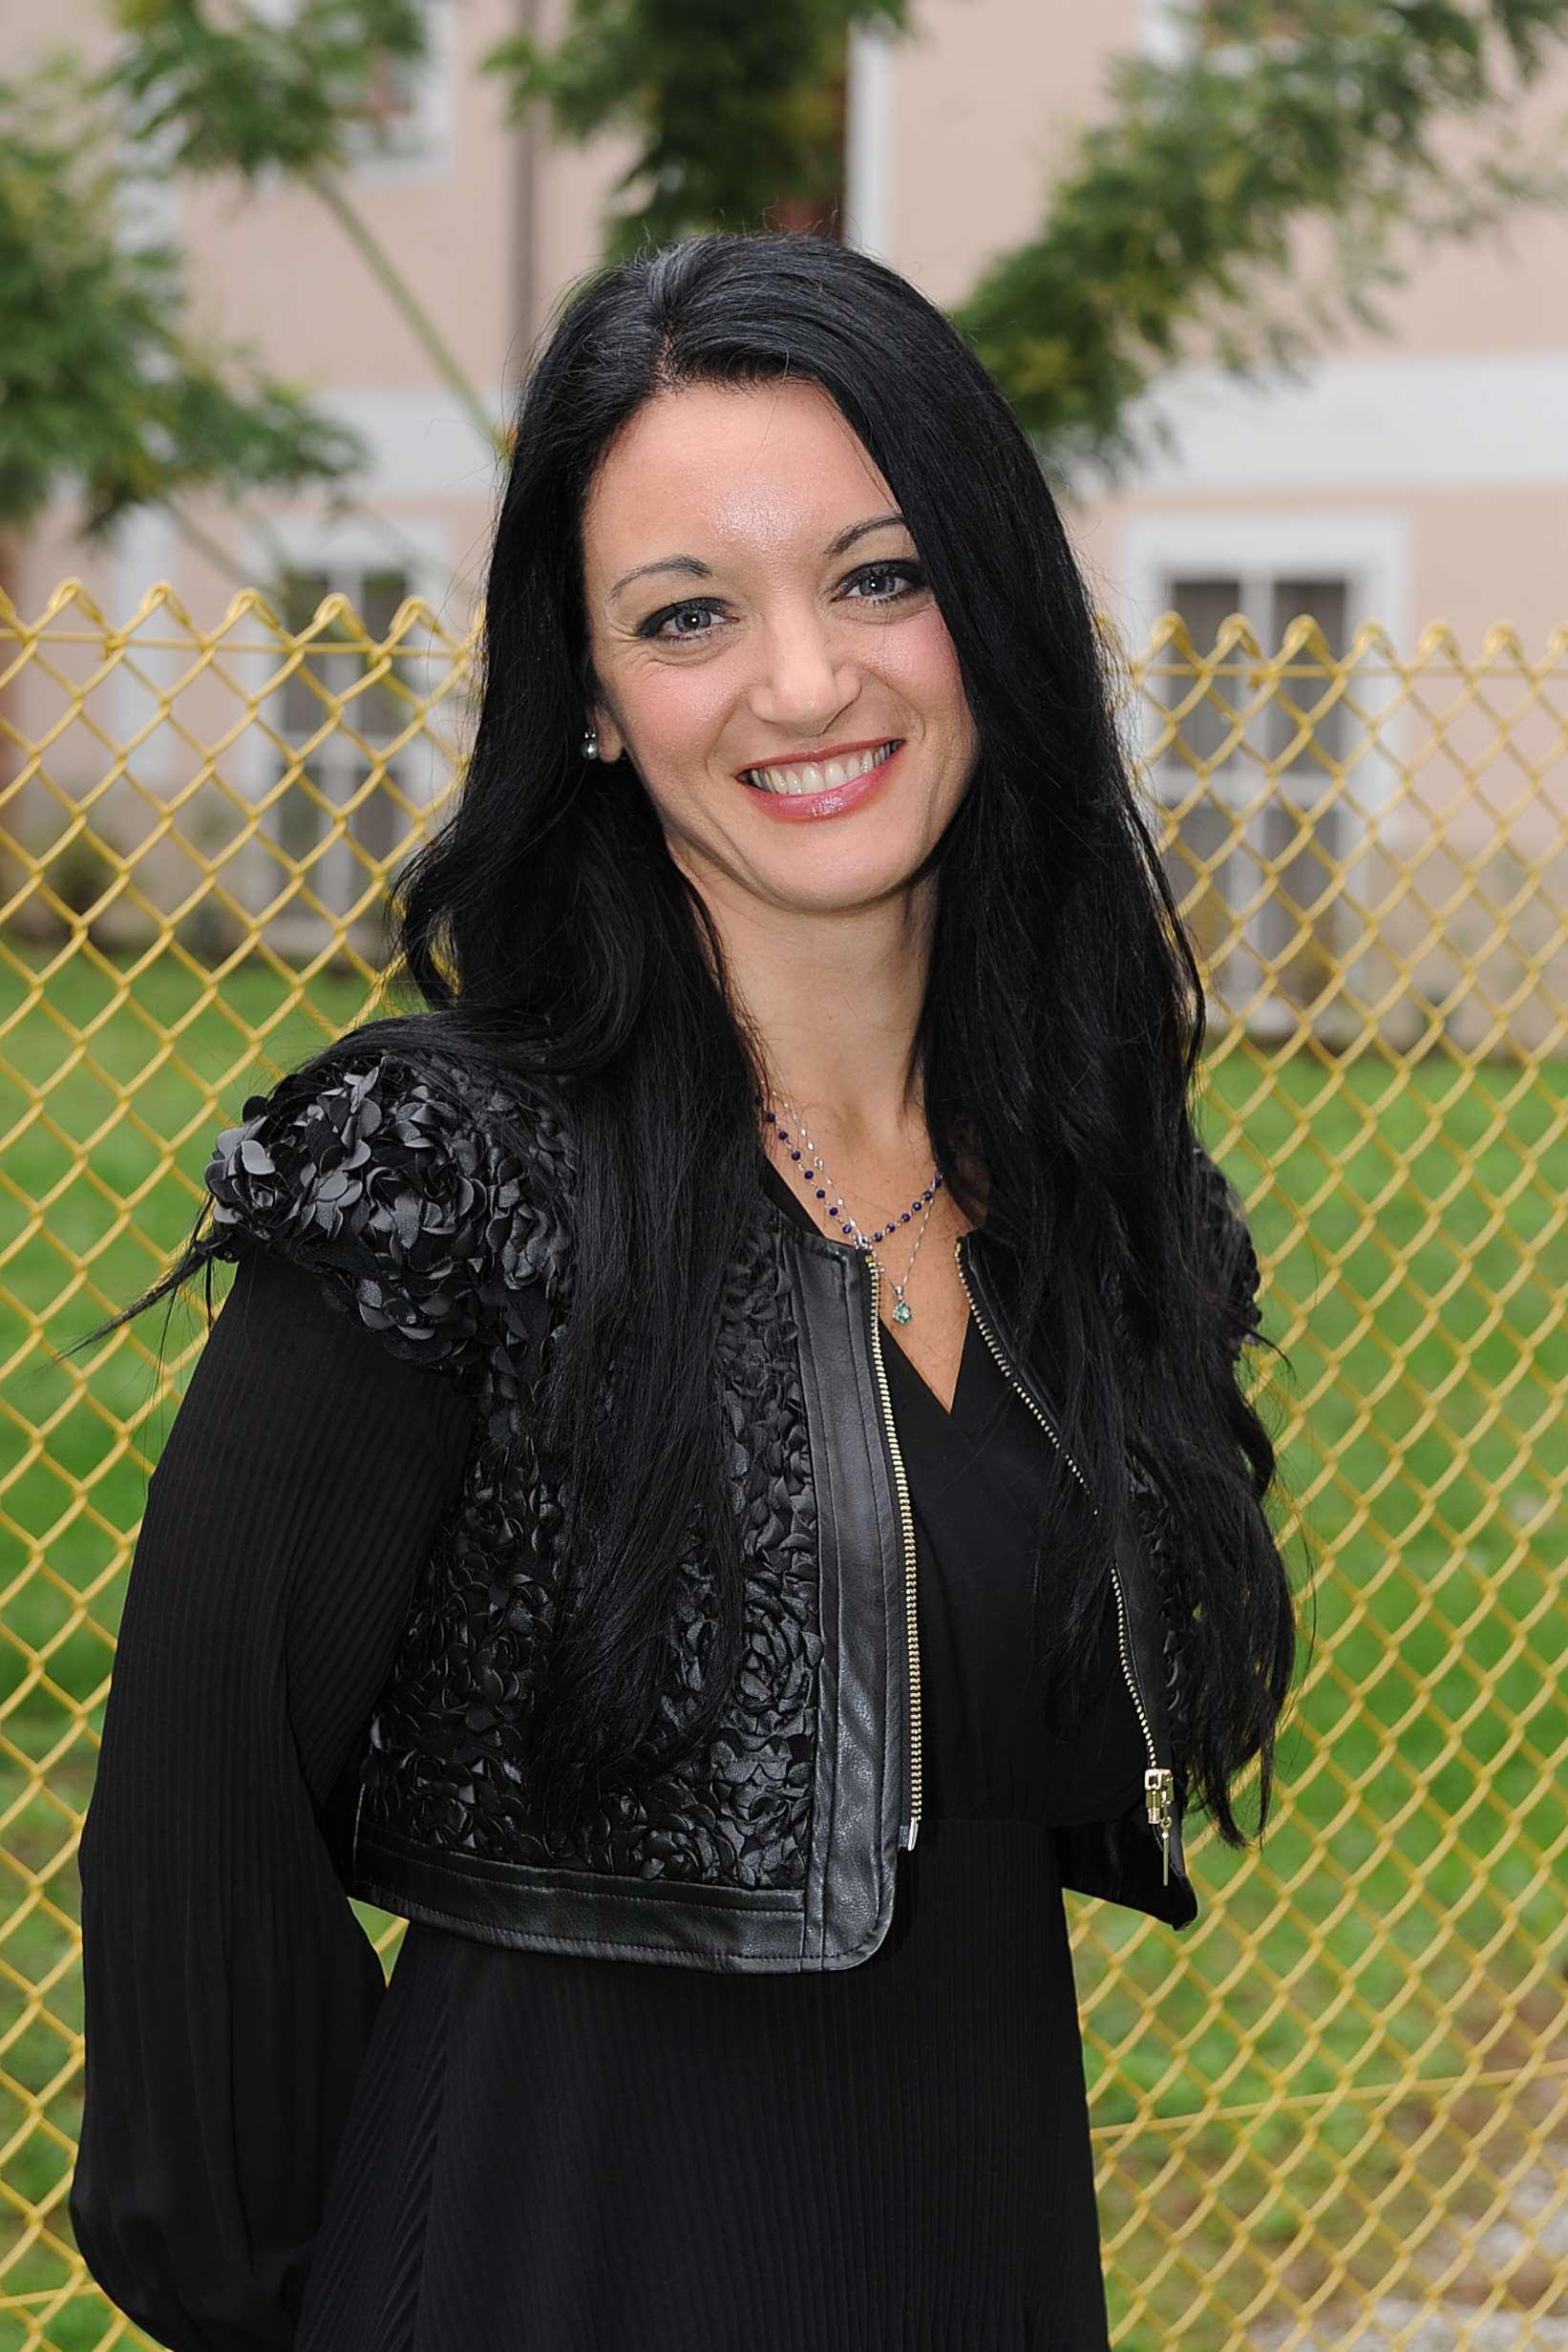 Alessandra Cimbali